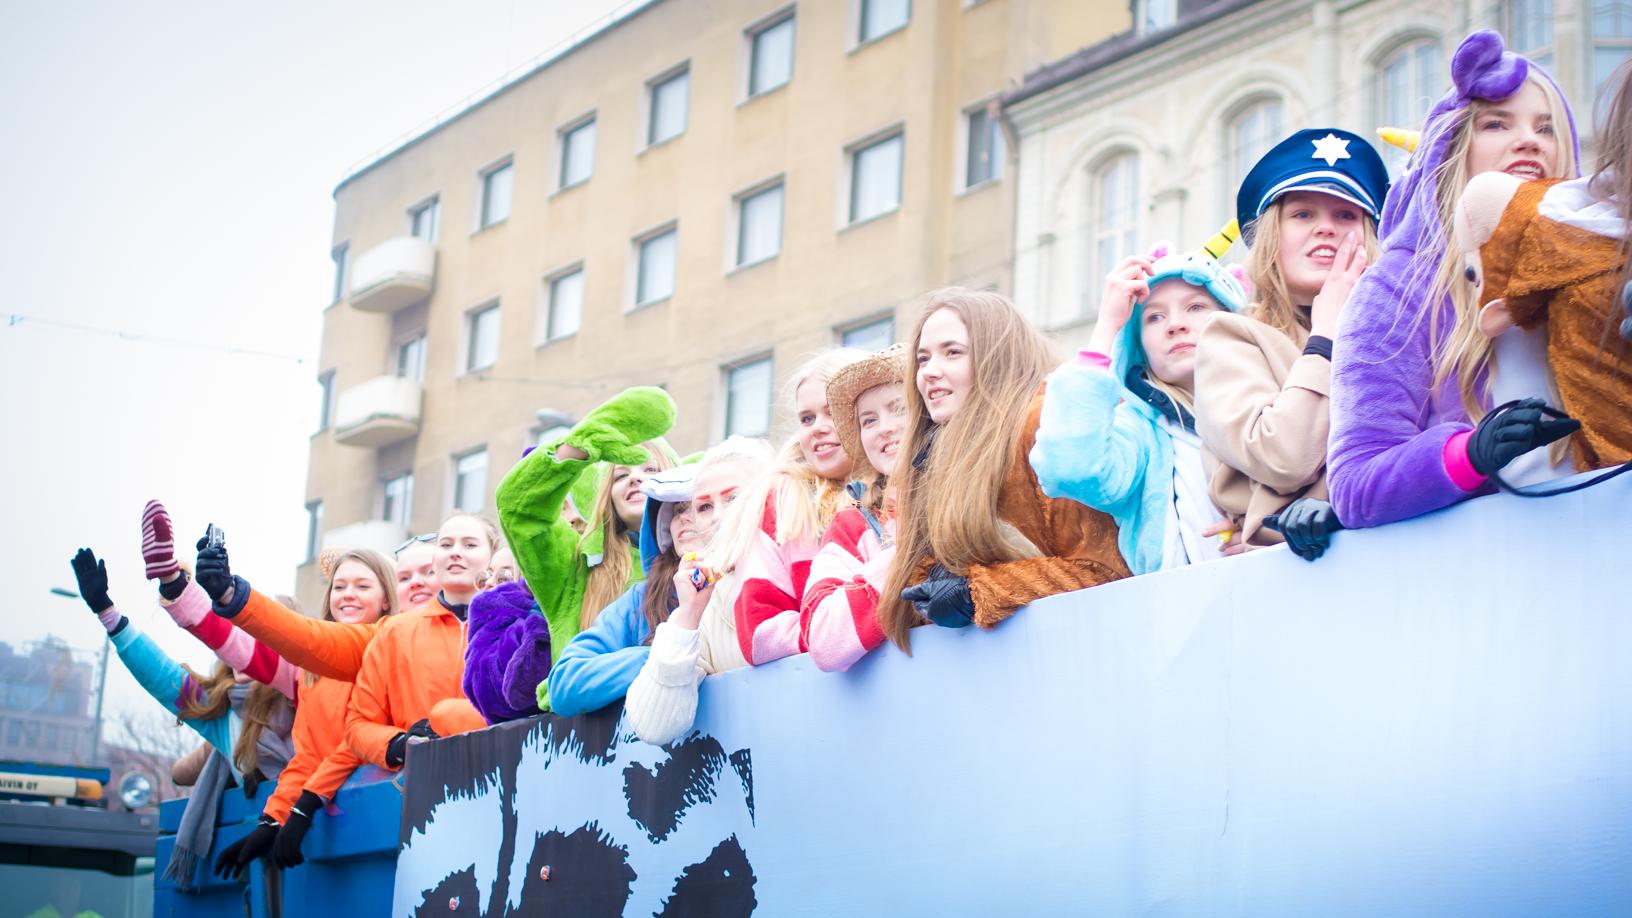 В финских лицеях идет шумная зимняя гулянка перед началом зубрёжки - Это Финляндия